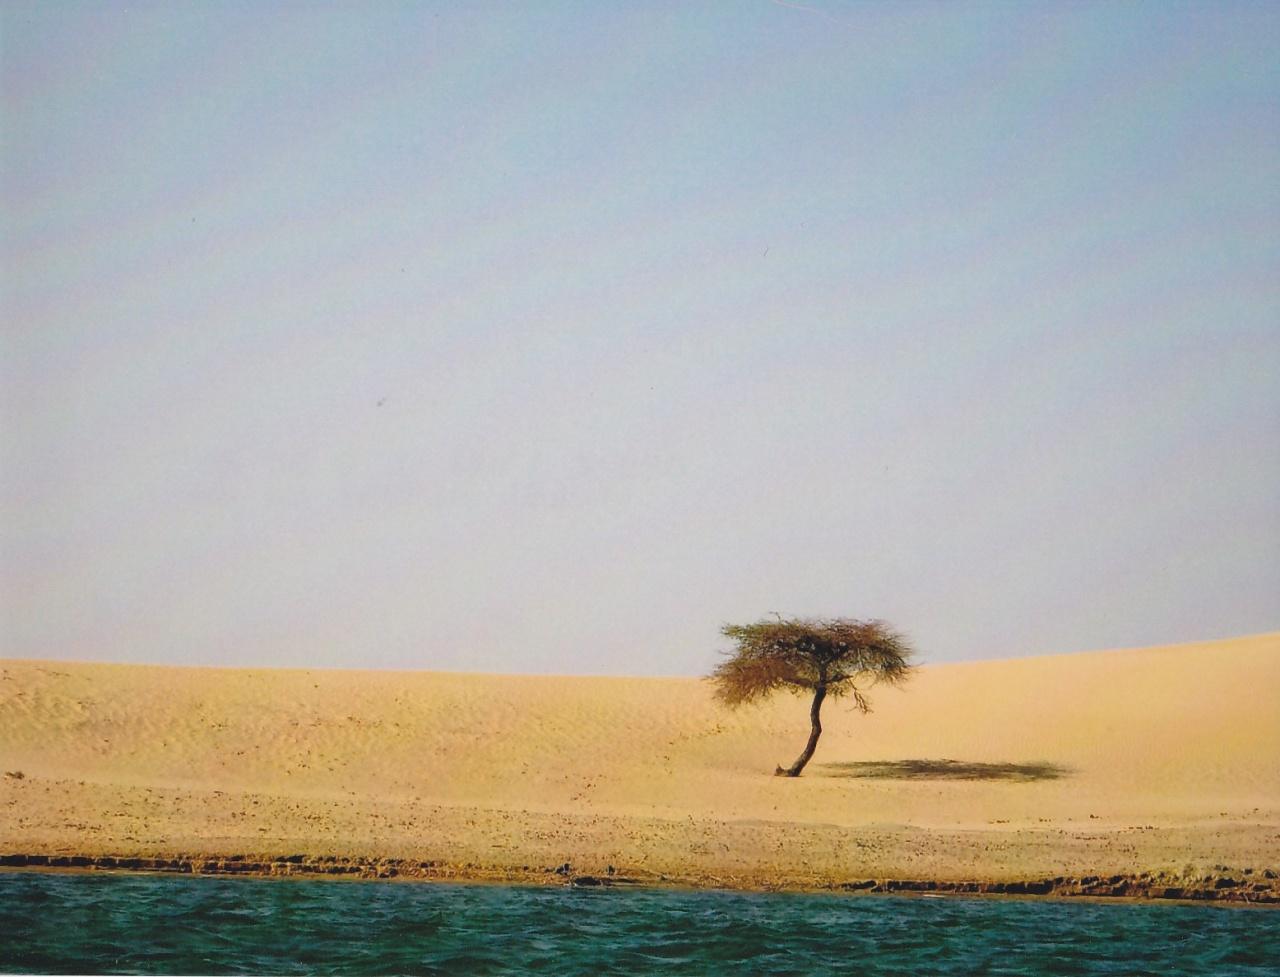 le désert à Karkadjane